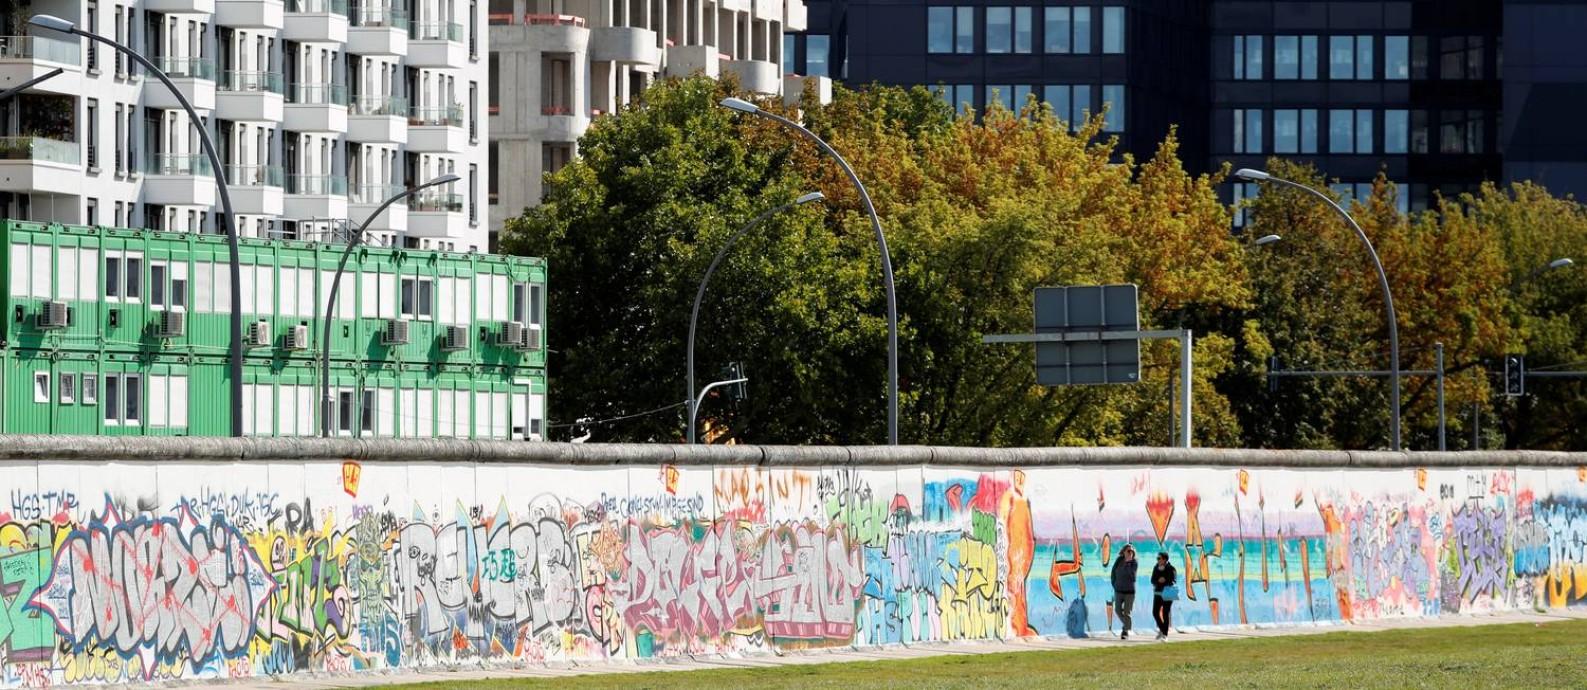 """Novos edifícios foram construídos na antiga """"faixa da morte"""", o campo minado entre as duas barreiras que formavam o antigo Muro de Berlim Foto: FABRIZIO BENSCH / REUTERS"""